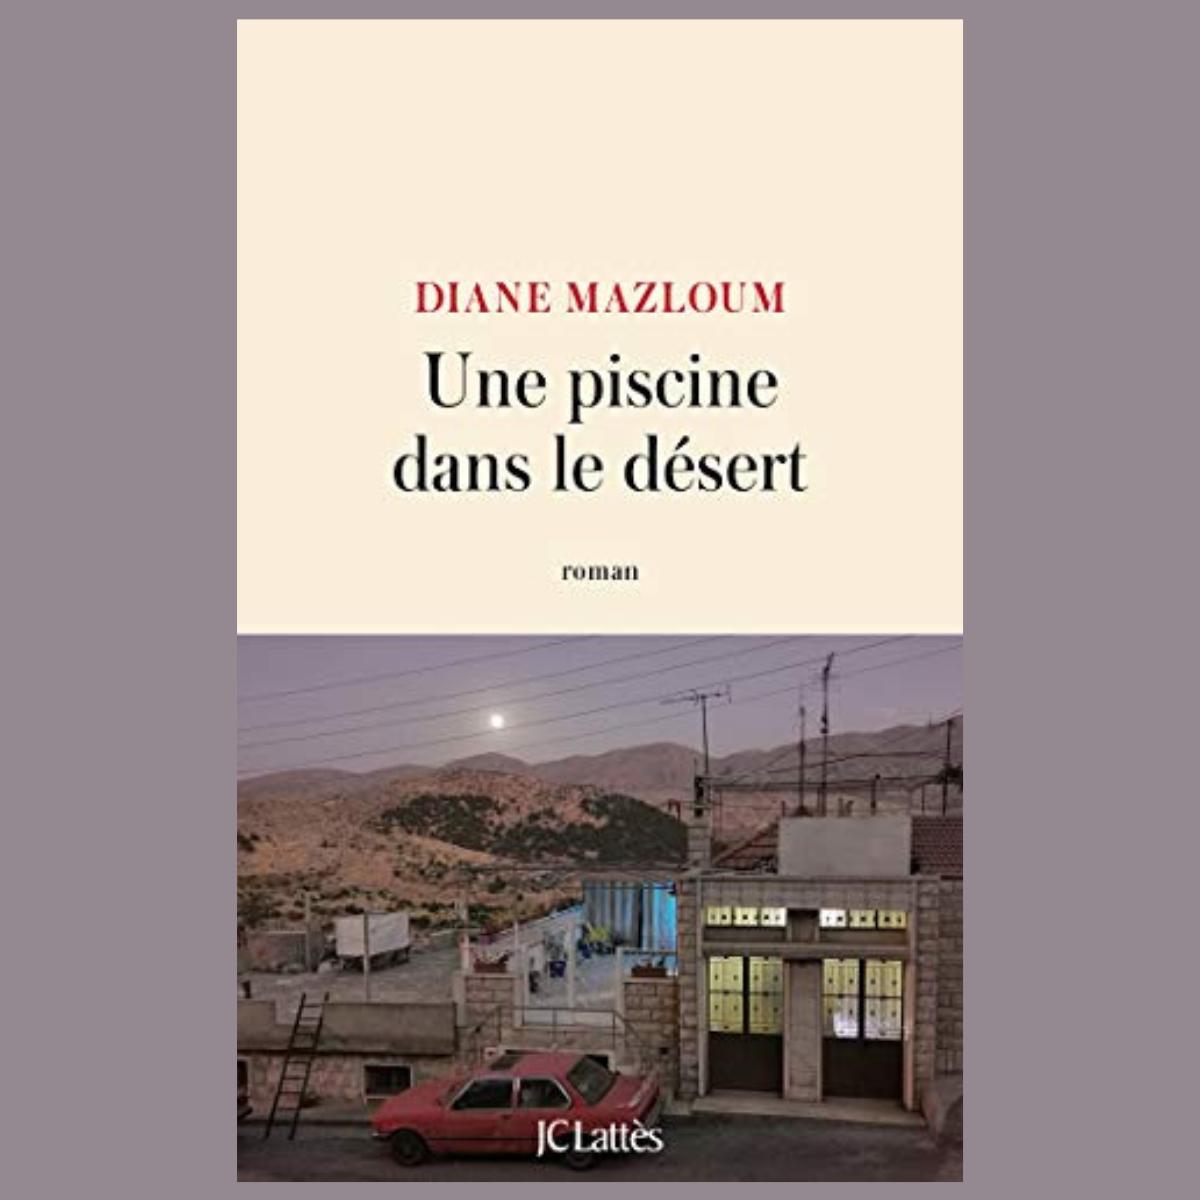 Une piscine dans le désert - Diane Mazloum (JC Lattès)